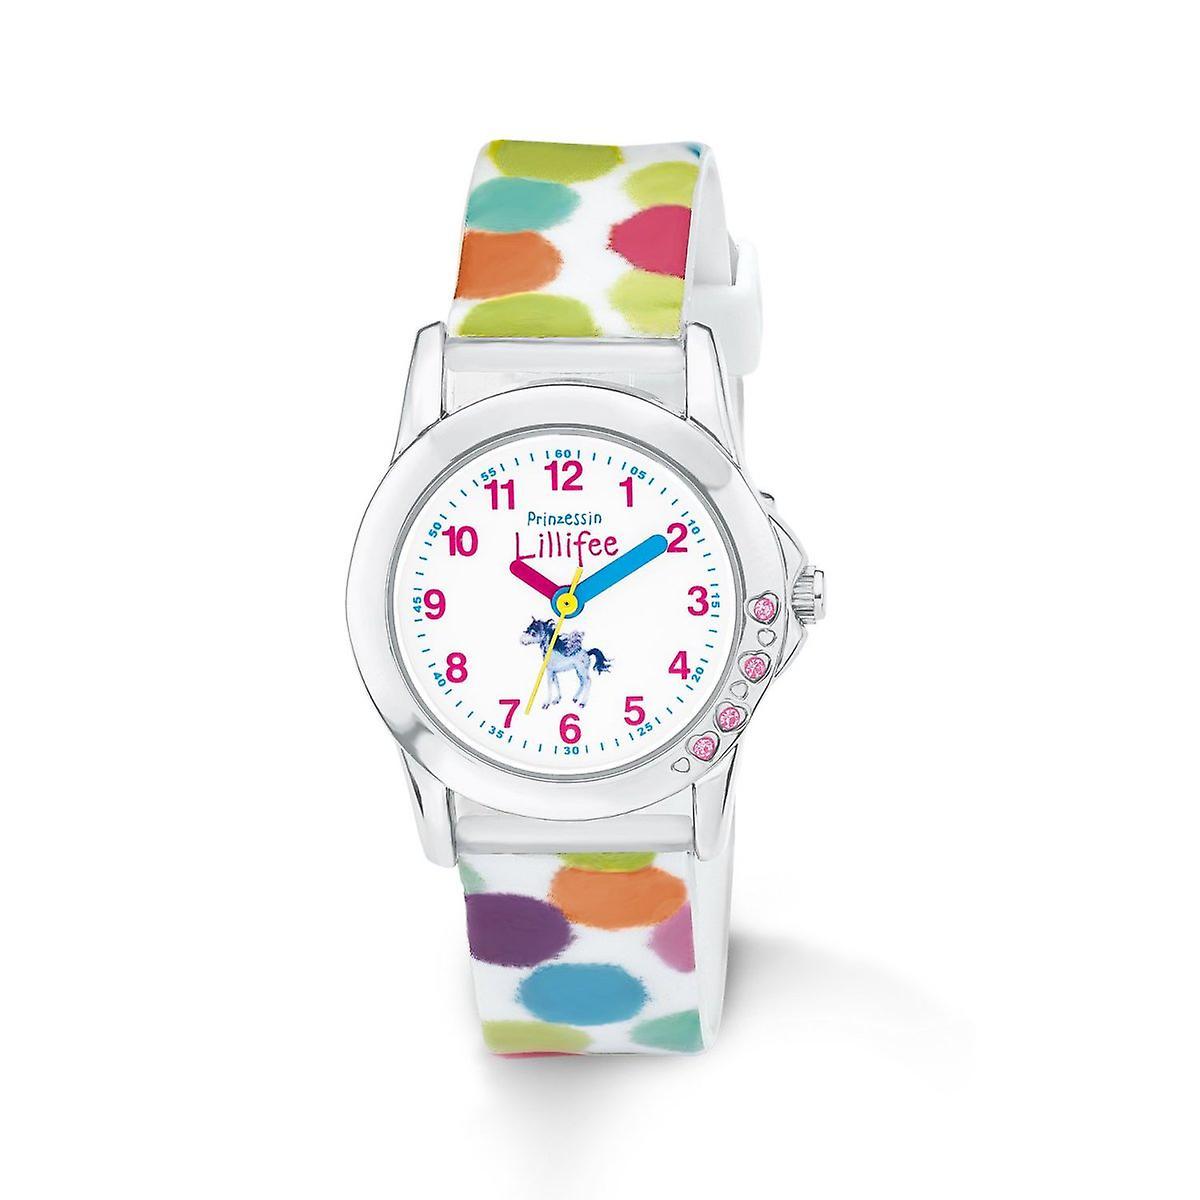 Prinzessin Lillifee Uhr Kinder Armbanduhr Mädchenuhr Einhorn 2013221